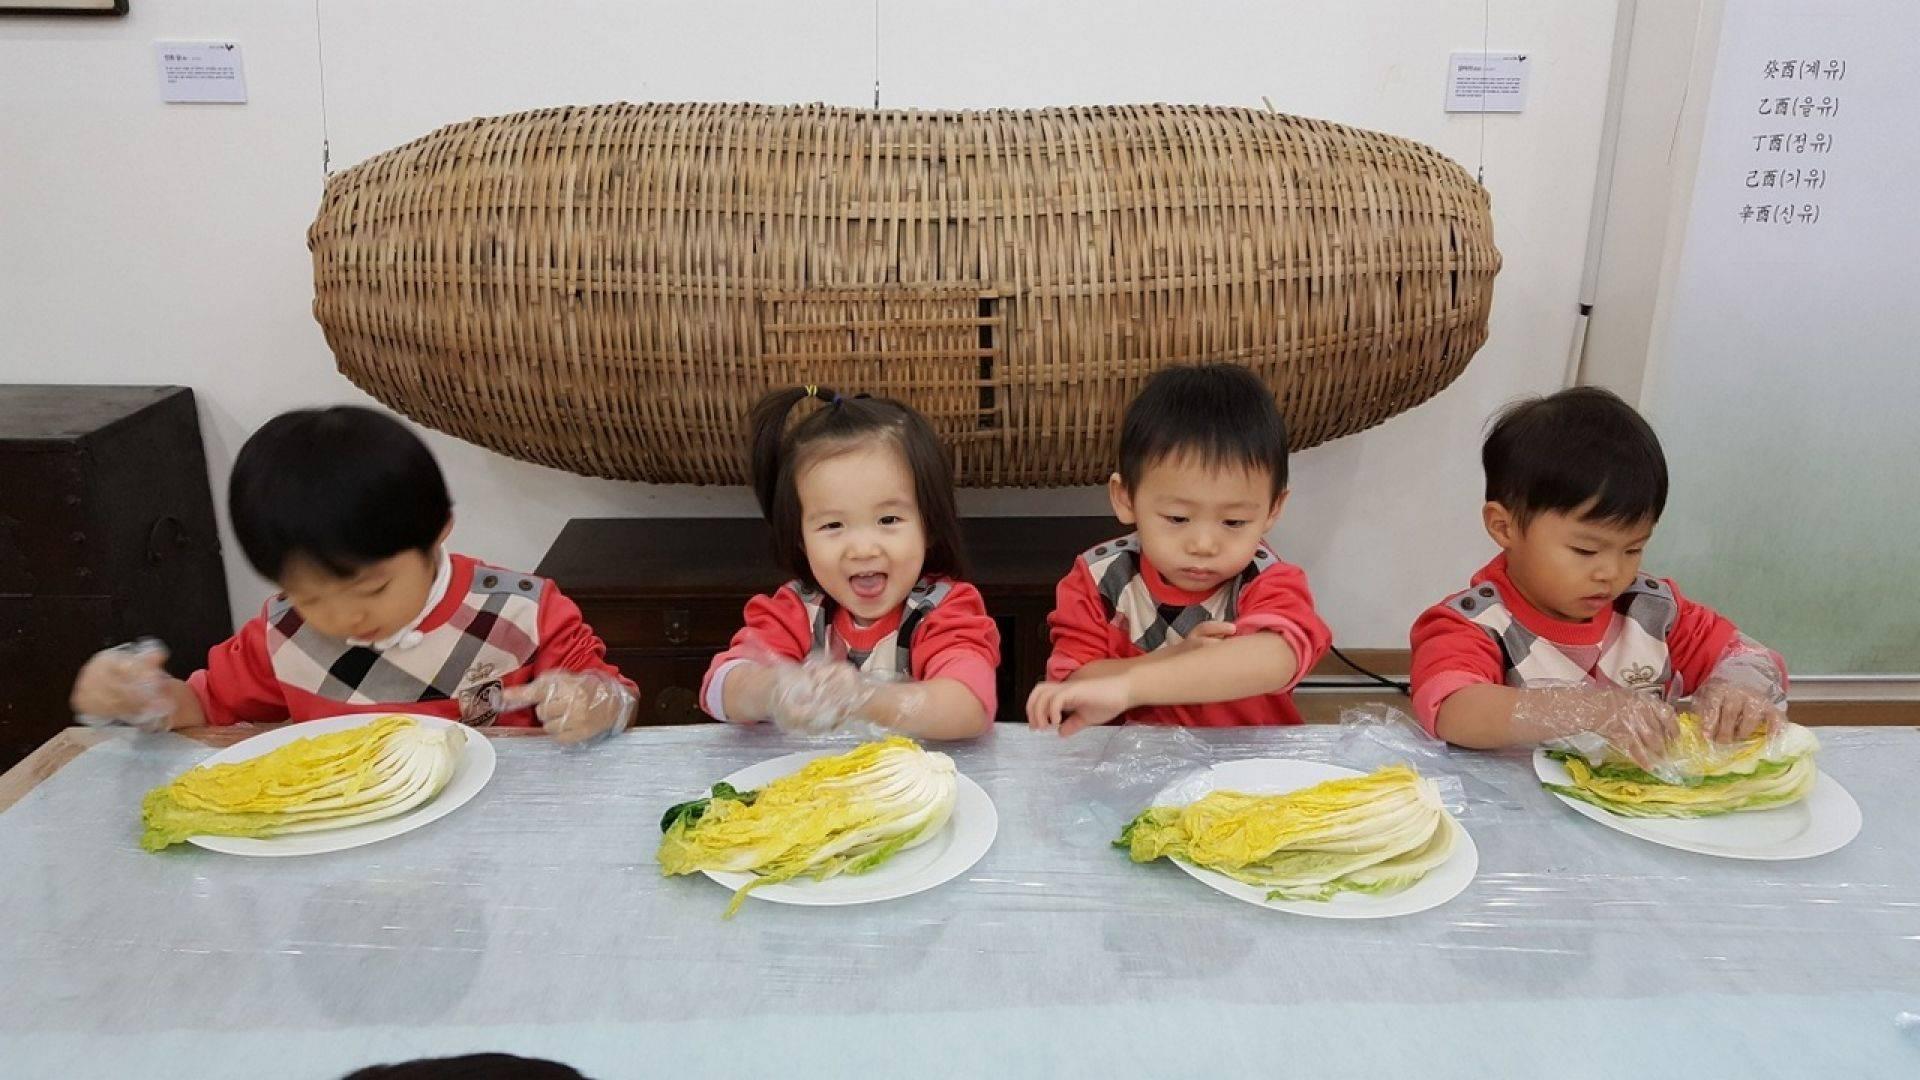 3 вида образования в китае: дошкольное, школа, высшее